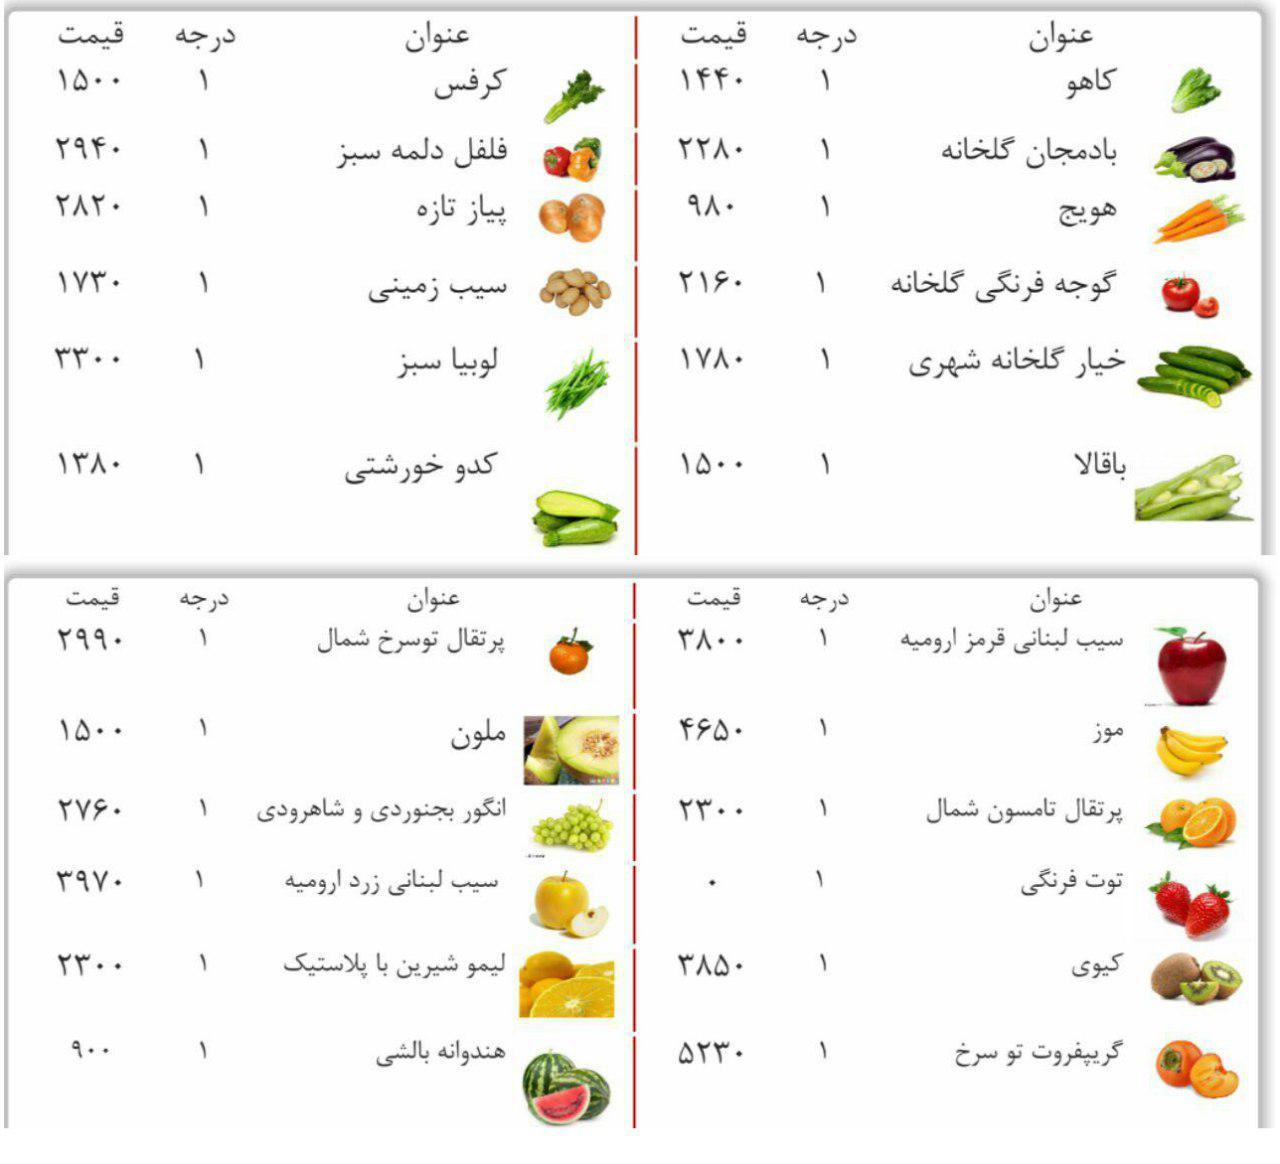 قیمت میوه در مشهد